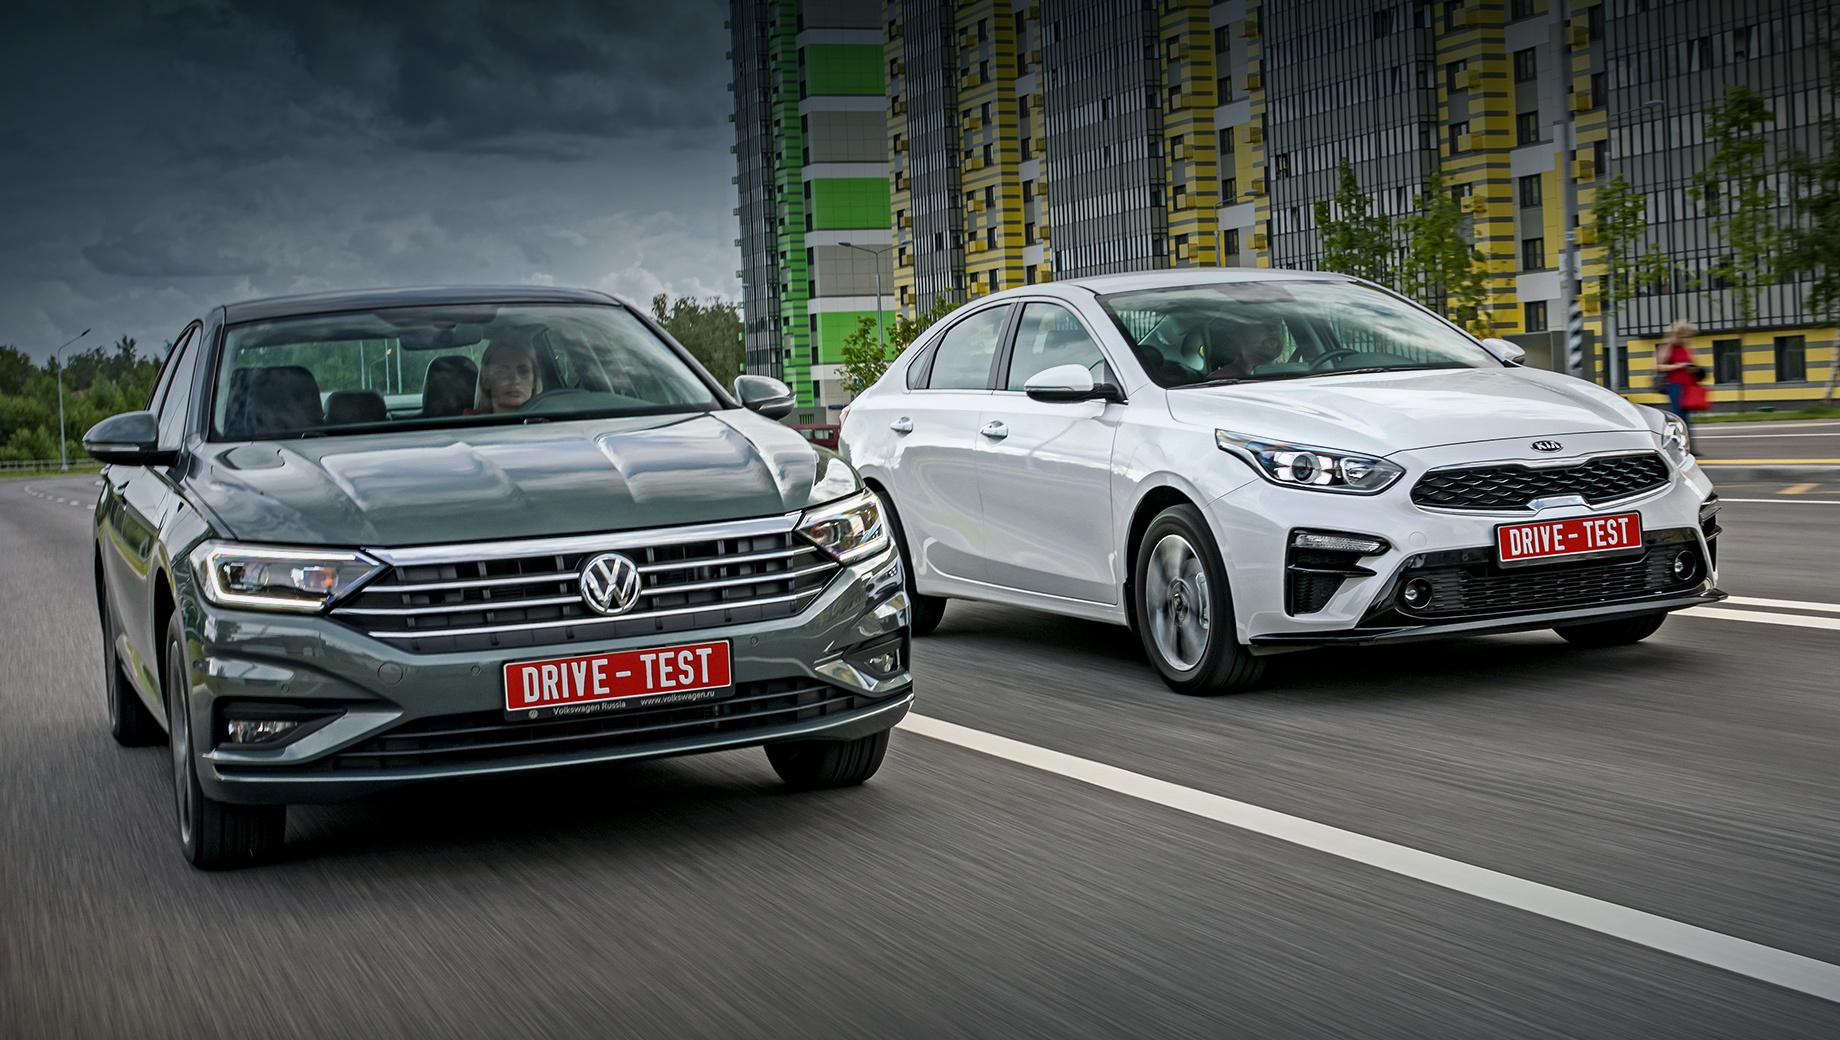 Kia cerato,Volkswagen jetta. В обоих случаях базовыми являются моторы 1.6. За такой Cerato с «автоматом» просят 1,20–1,34 млн рублей, за Джетту ― от 1,55 до 1,89 млн. Со 150-сильным атмосферником 2.0 Kia стоит 1,25–1,52 млн, а наддувный Volkswagen 1.4 TSI той же мощности ― 1,86–1,96 млн.